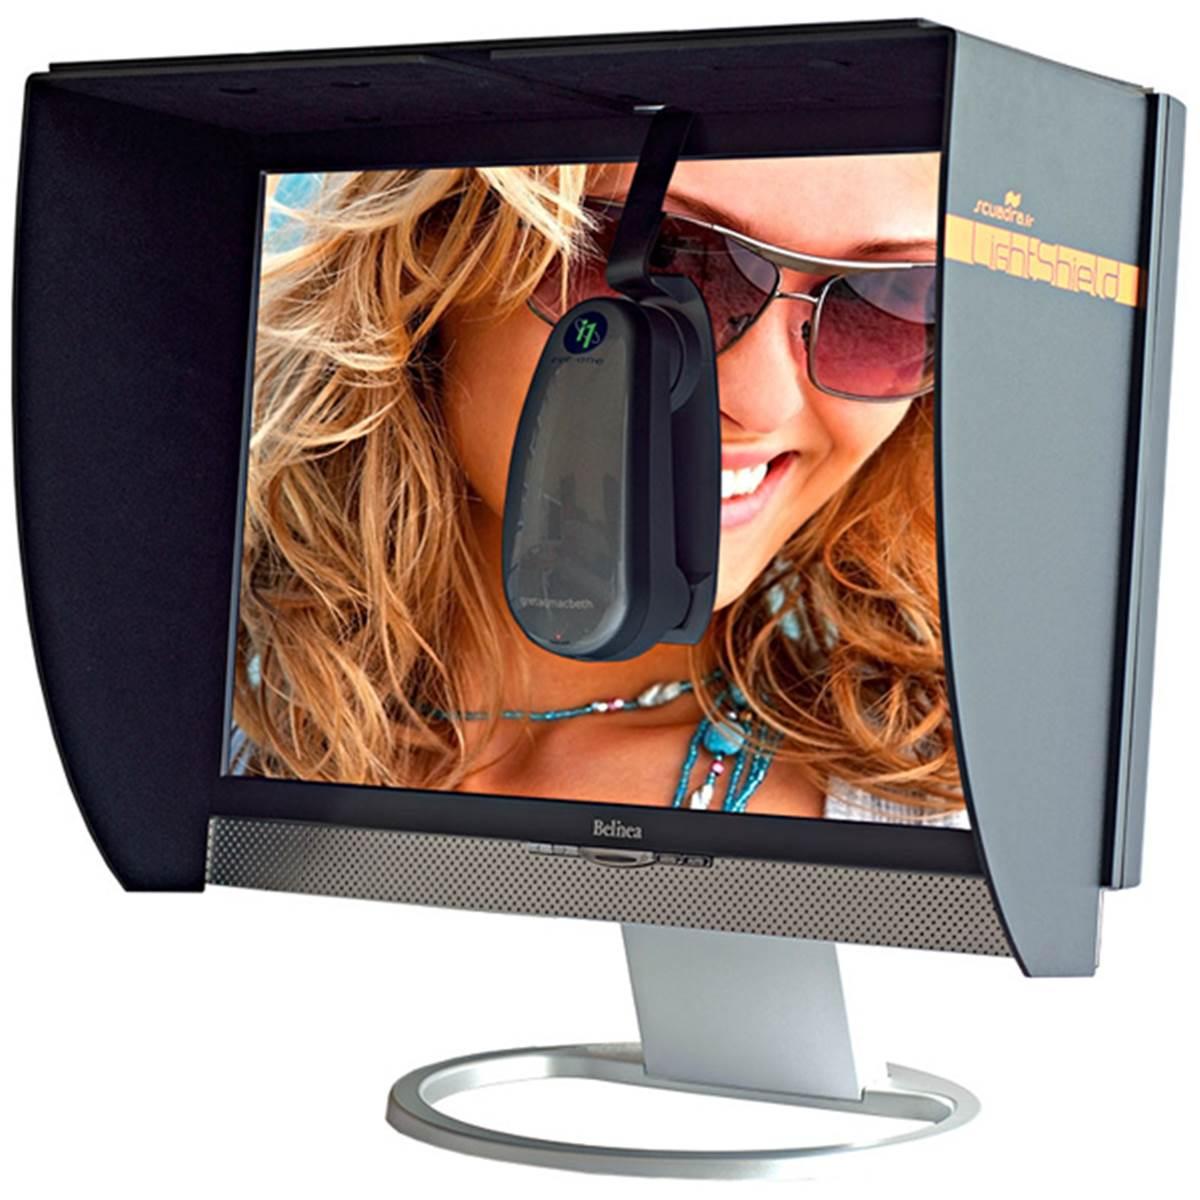 Scuadra casquette lightshield pour ecran 20 24 v2 prophot for Ecran pour photographe pro